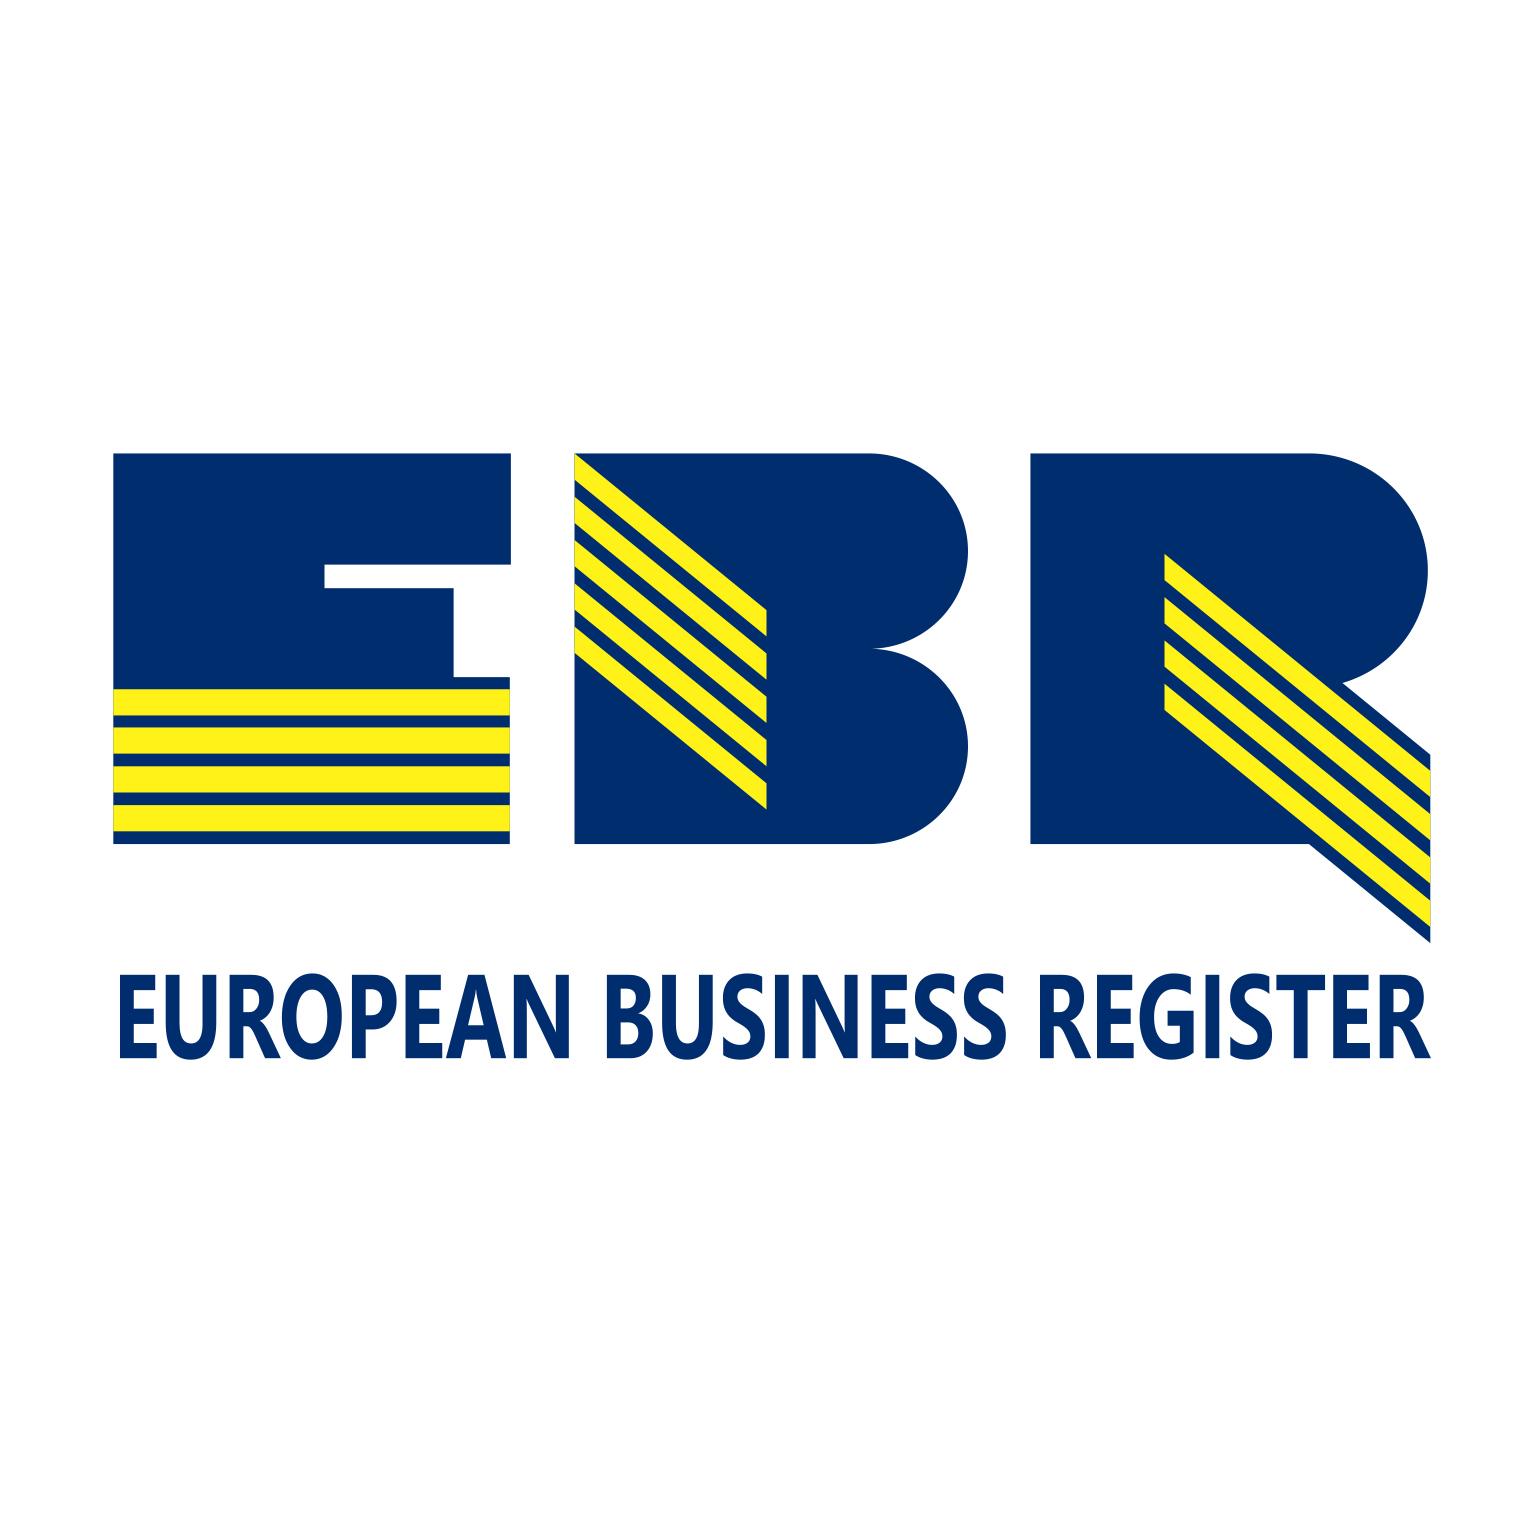 Выписка из Европейского бизнес реестра